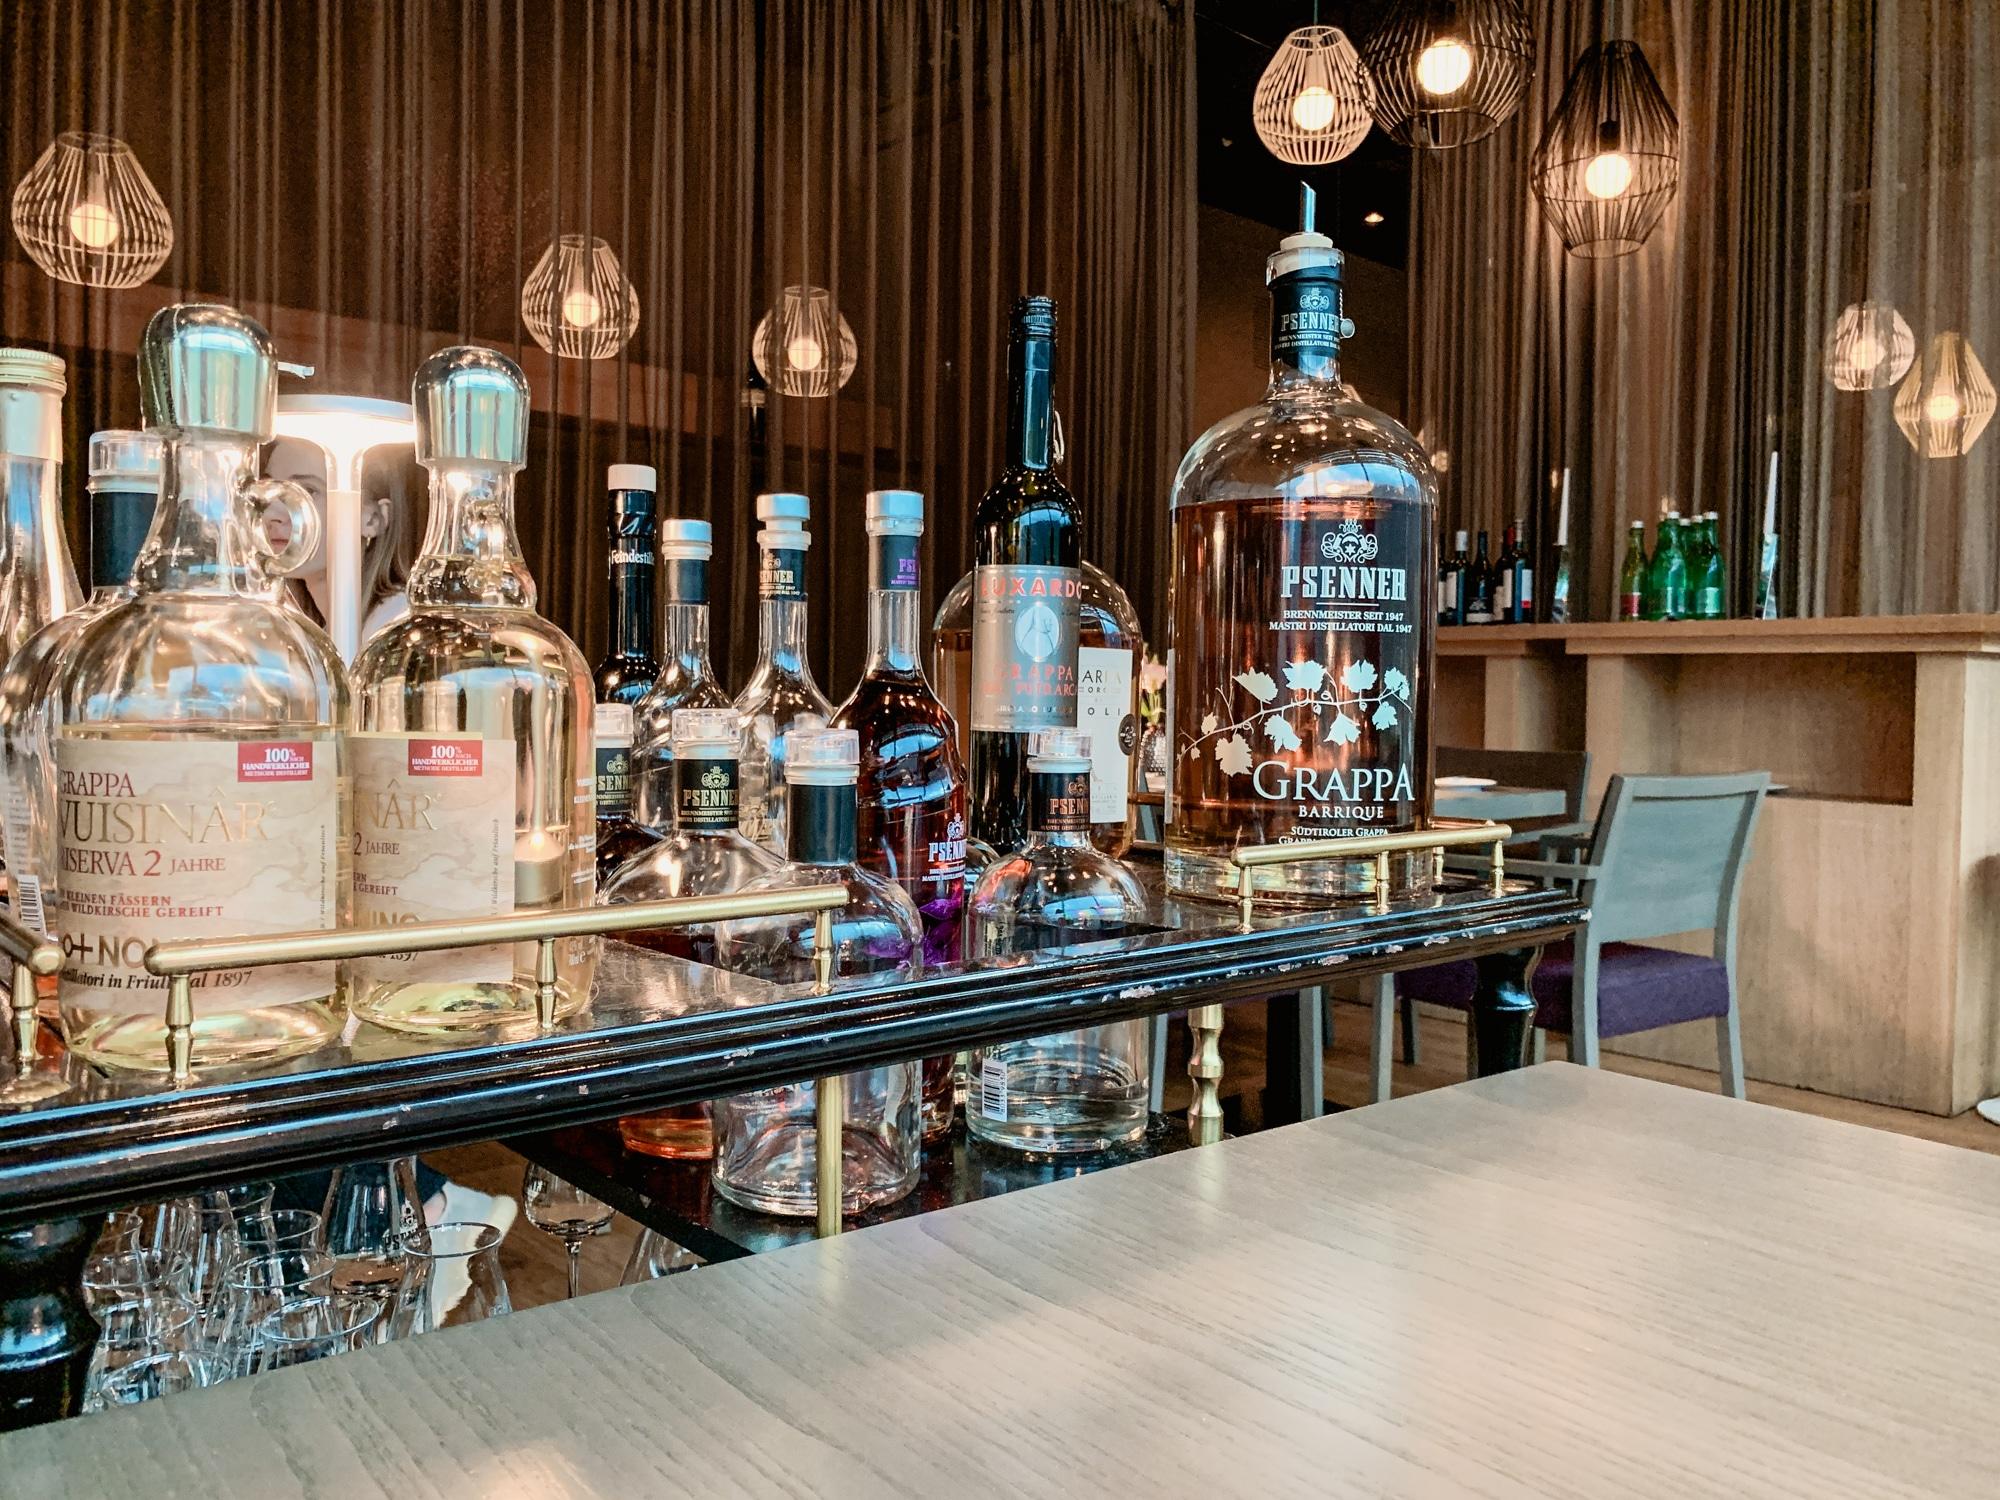 Innsbruck Sehenswürdigkeiten: Top Ten Highlights und Tipps für die Stadt - Adlers Hotel Restaurant Weitsicht